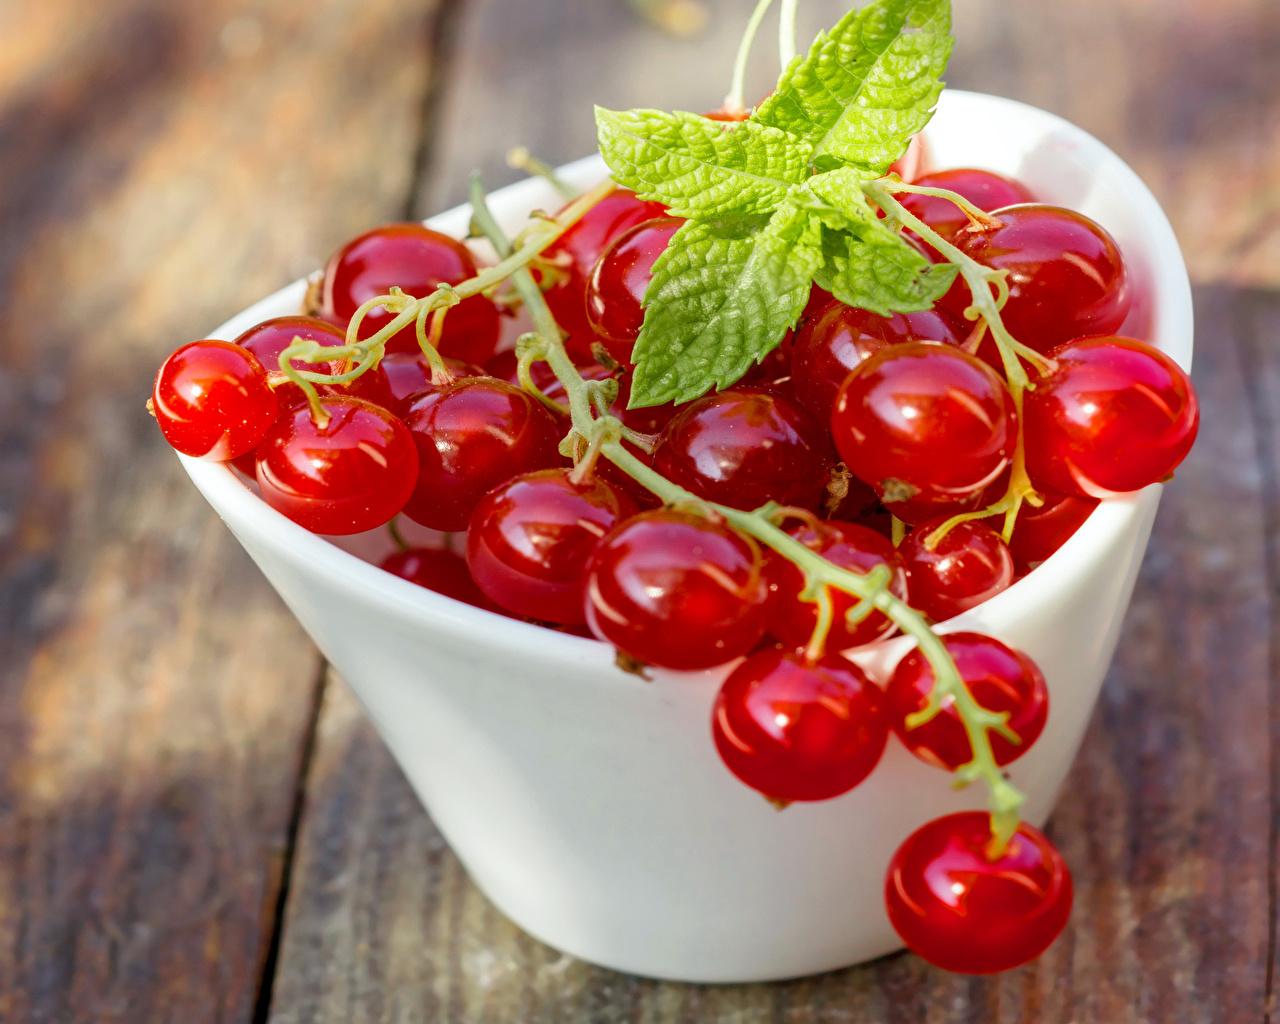 Картинки Красный Смородина Пища Ягоды Крупным планом красных красные красная Еда Продукты питания вблизи